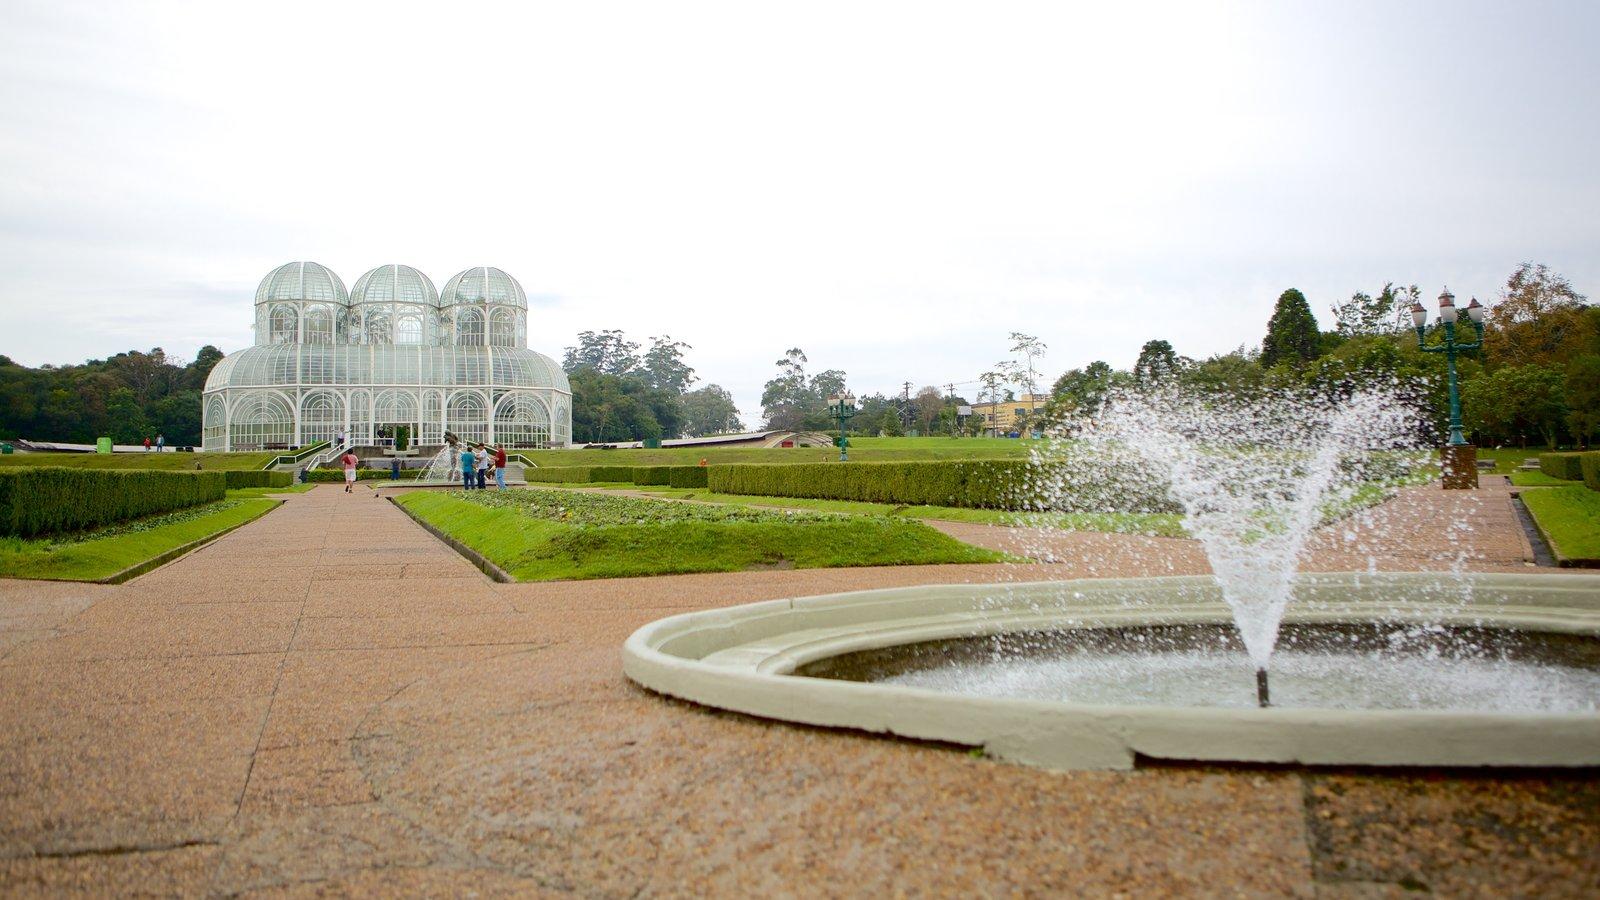 Parque Botânico de Curitiba caracterizando uma fonte e um jardim